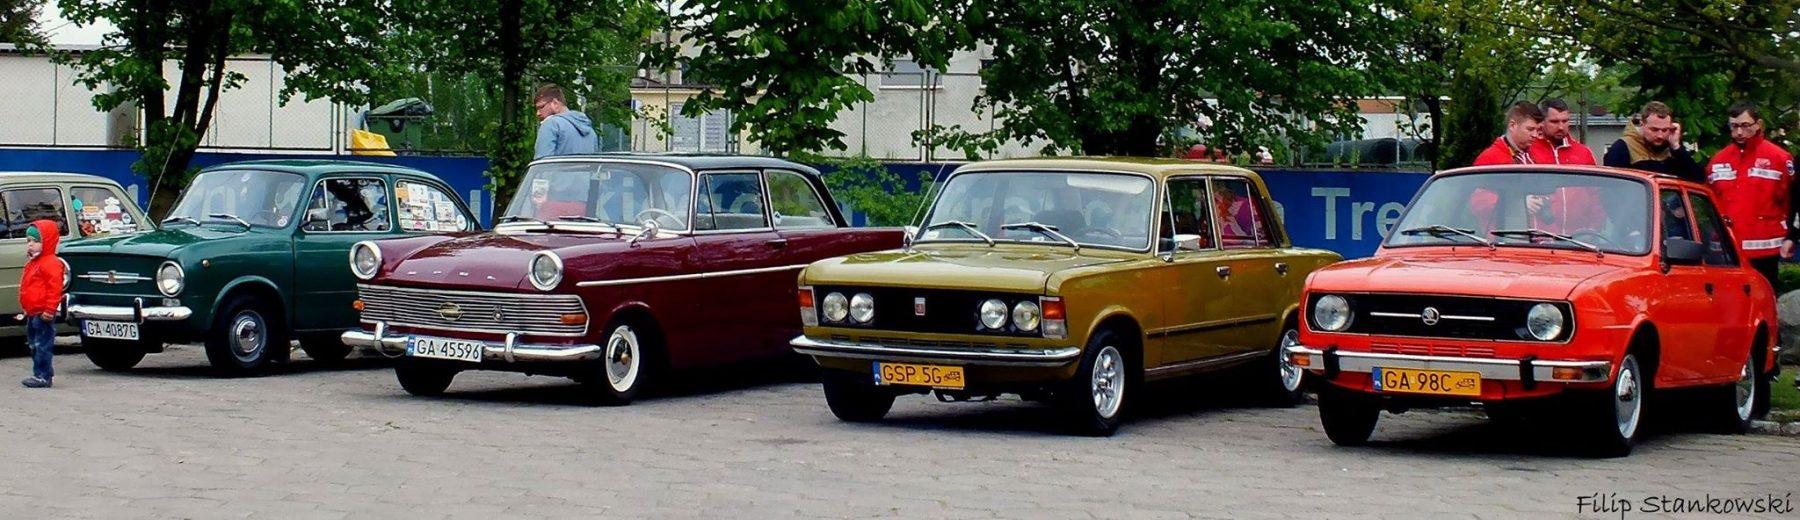 Automobilklub Morski - Pojazdy Zabytkowe